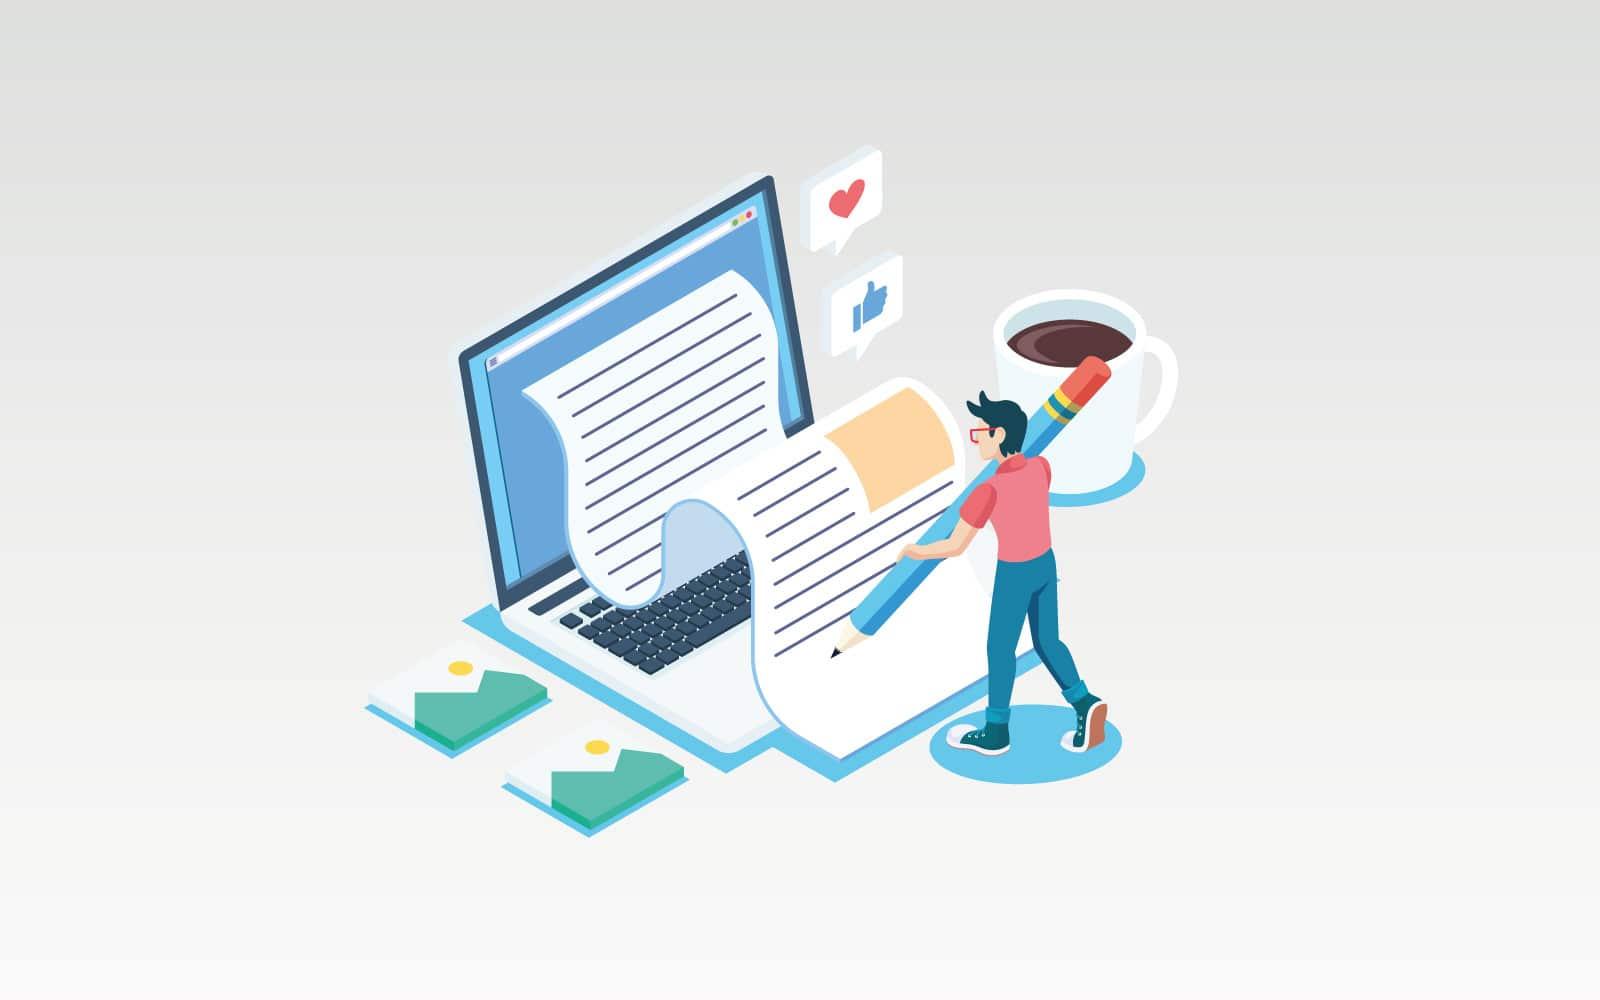 Ecrire un article de Blog bien référencé